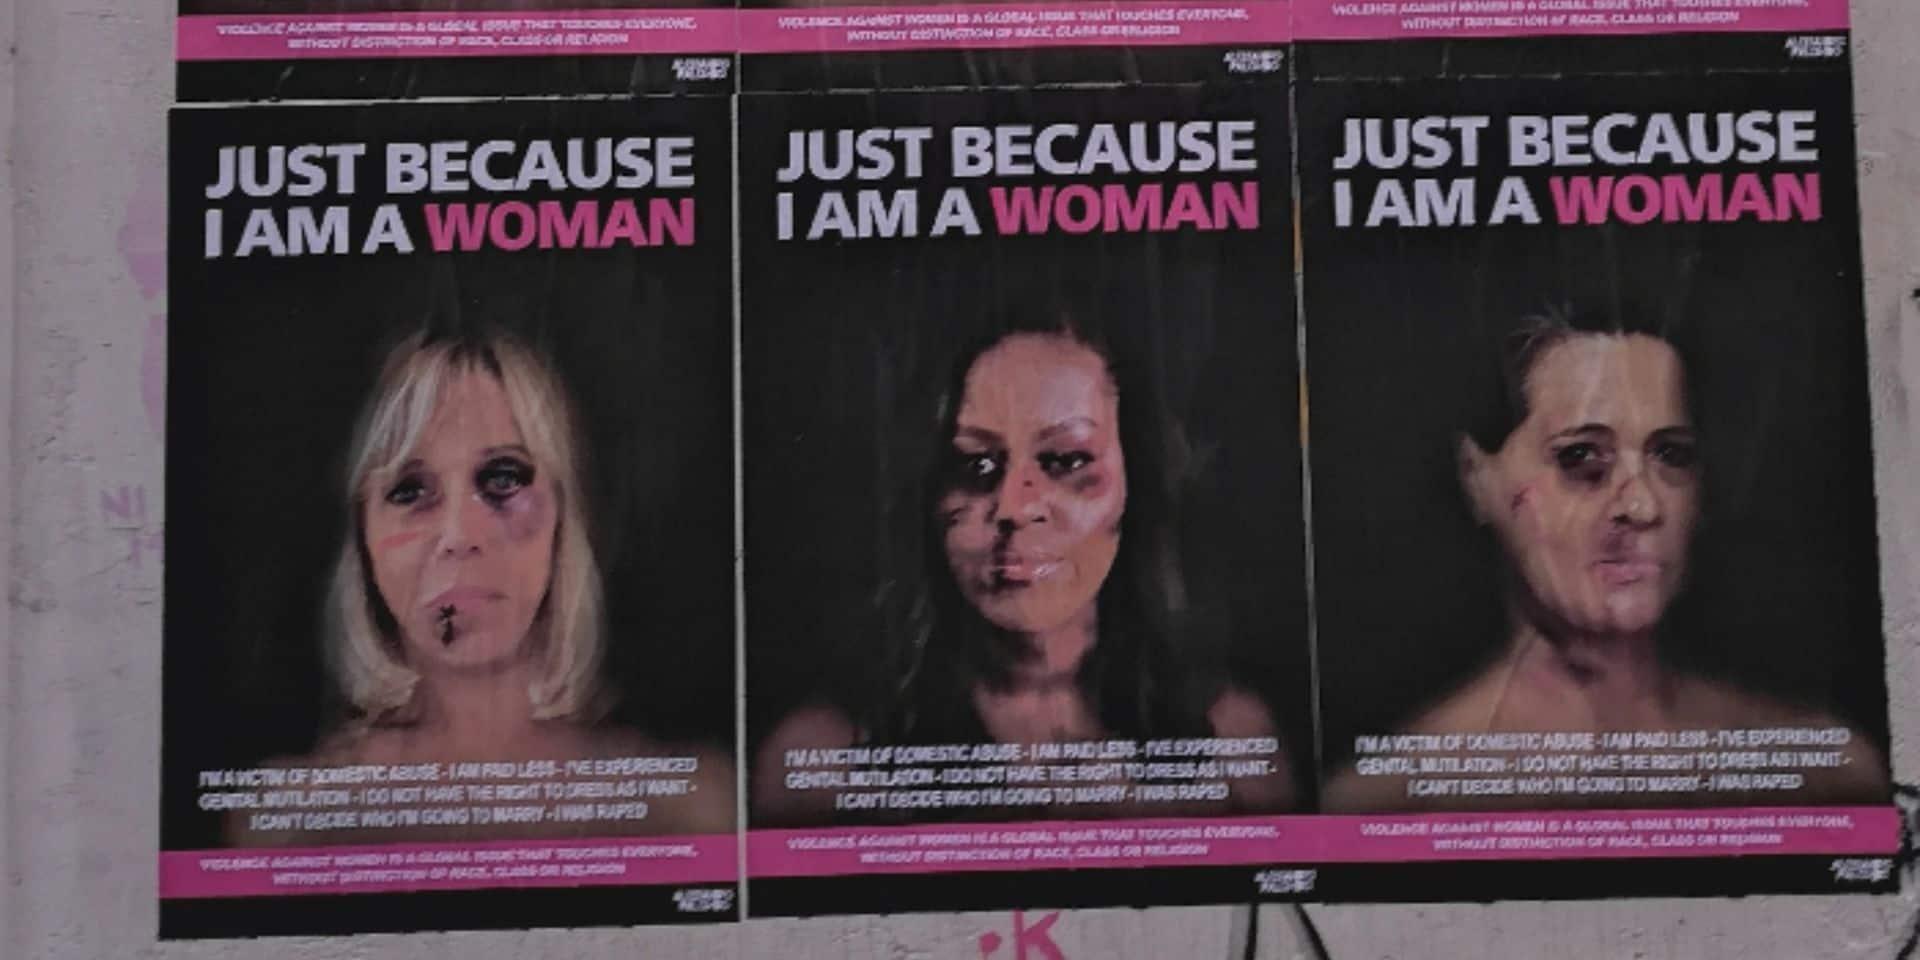 Brigitte Macron ou Michele Obama violentées: l'oeuvre osée d'un artiste italien